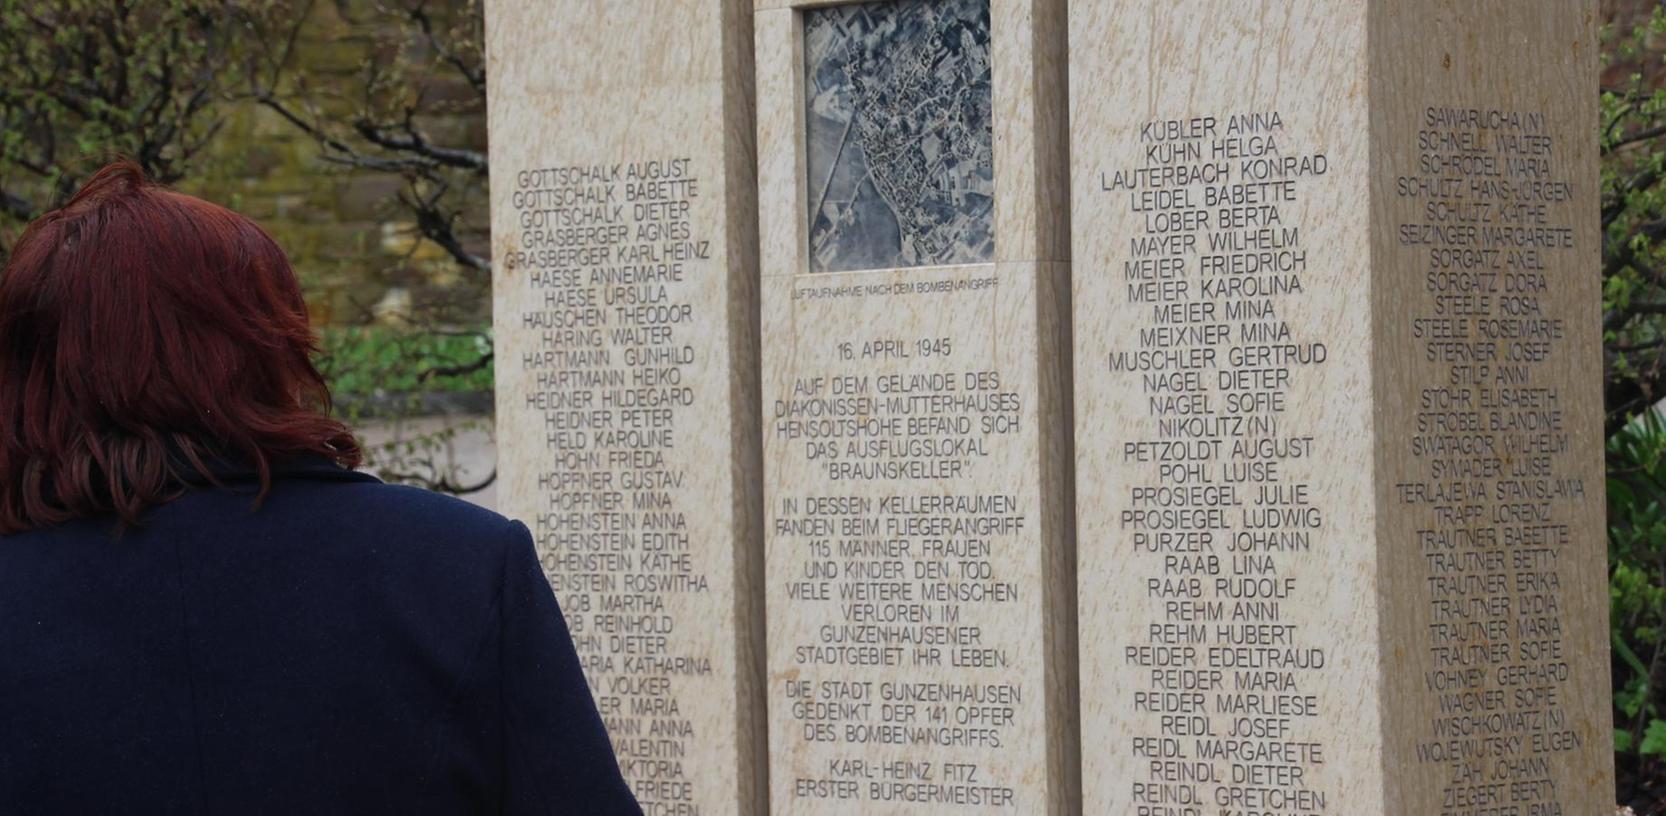 Die dreiteilige Gedenkstele befindet sich nahe der Zionshalle. In der Mitte ist ein US-Luftbild, dass das Ausmaß der Zerstörungen am 16. April 1945 verdeutlicht.